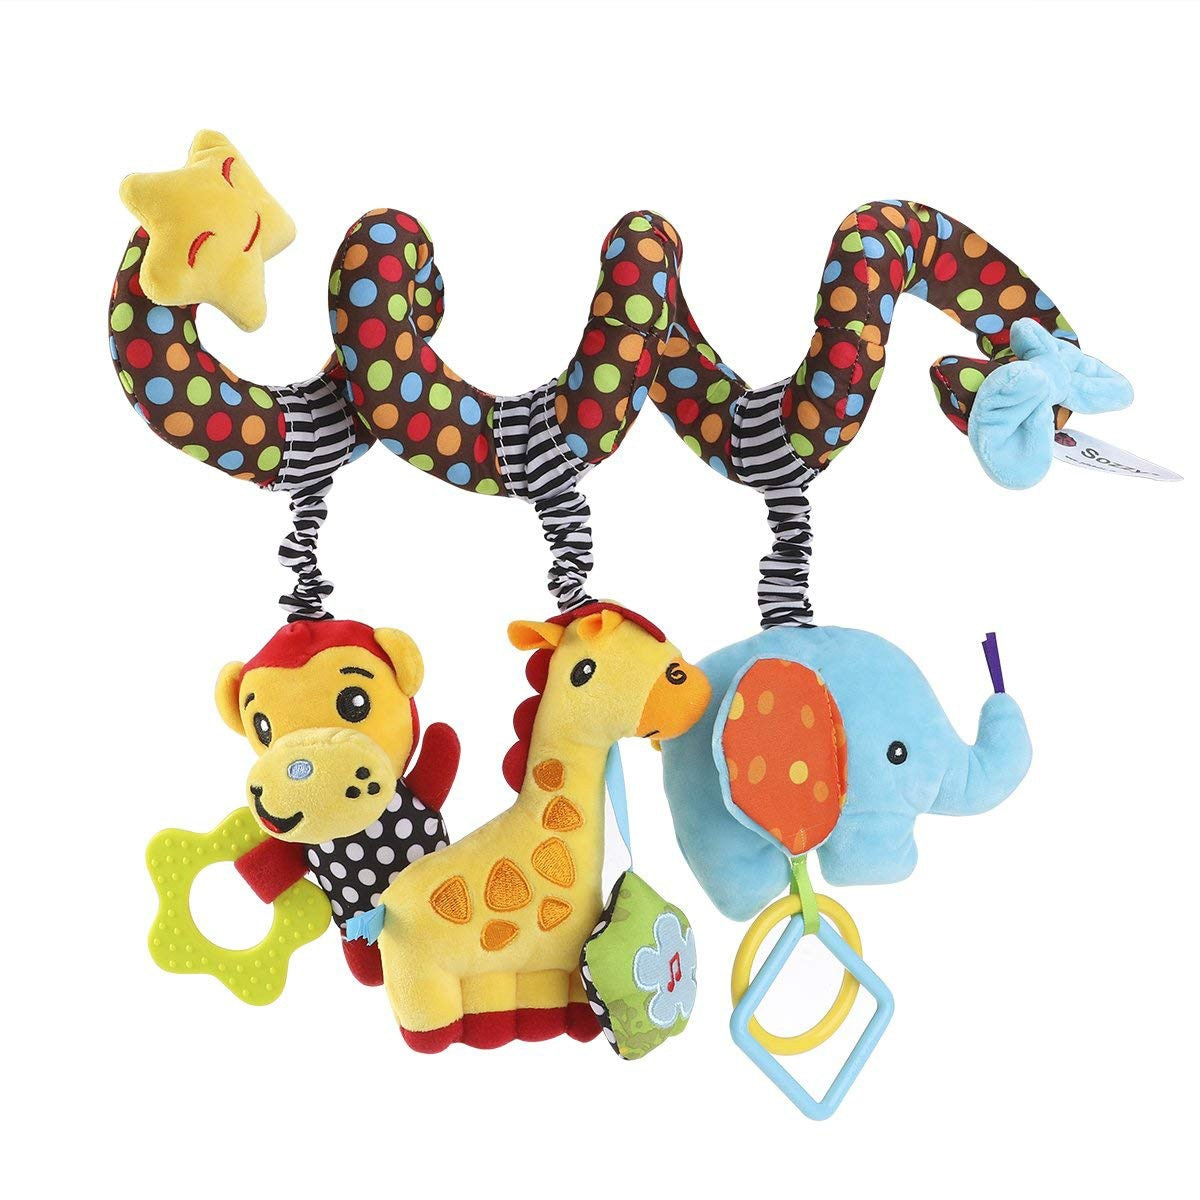 Sozzy música juguete del bebé cuna cama cochecito de espiral decoración juguete animal bebé sonajero 30 cm W514